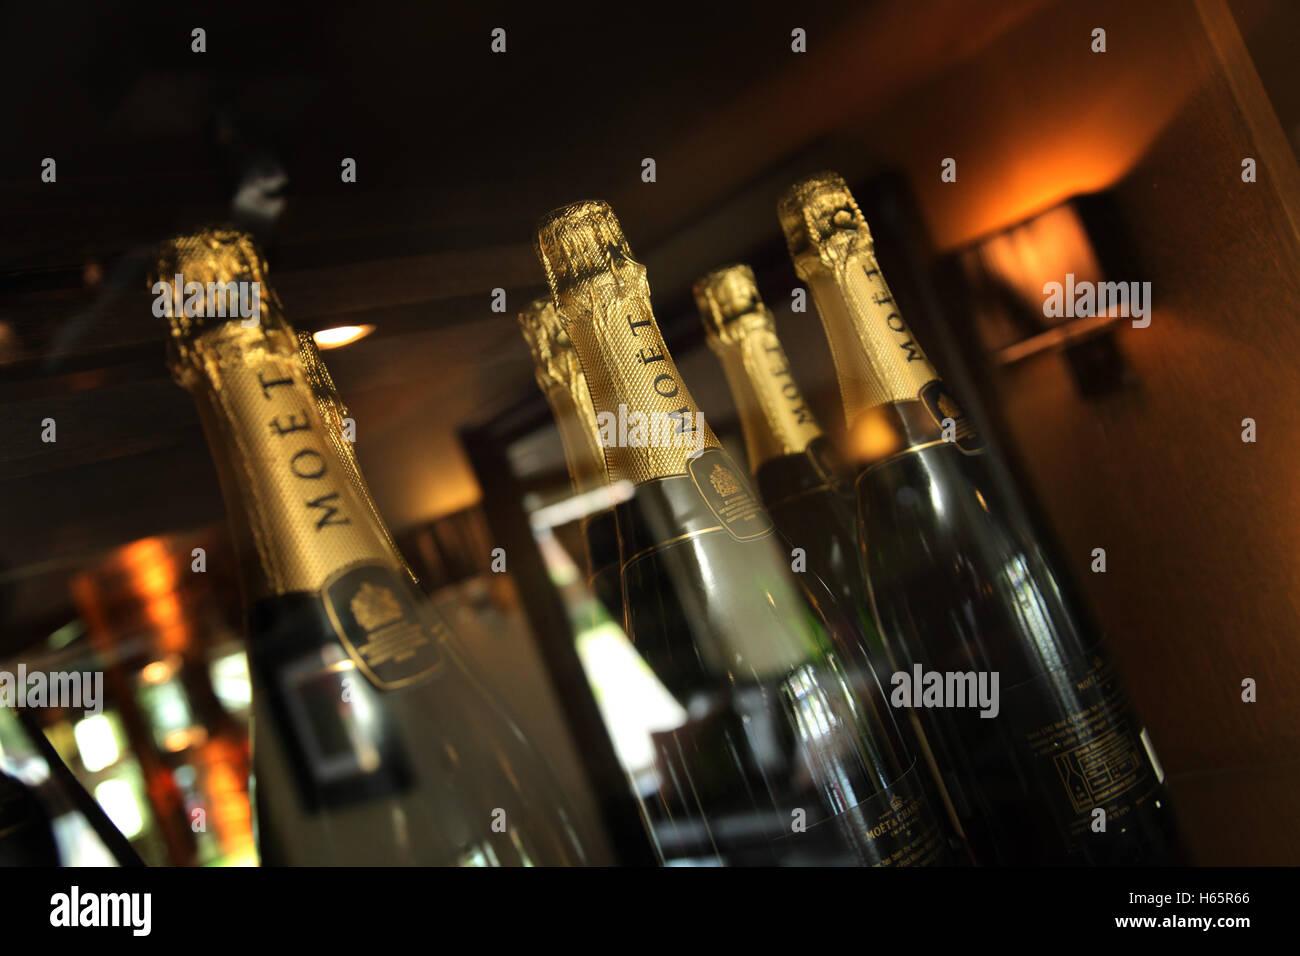 Flaschen Moet und Chandon Champagner auf einem Gestell, gekühlten und bereit zu dienen Stockbild